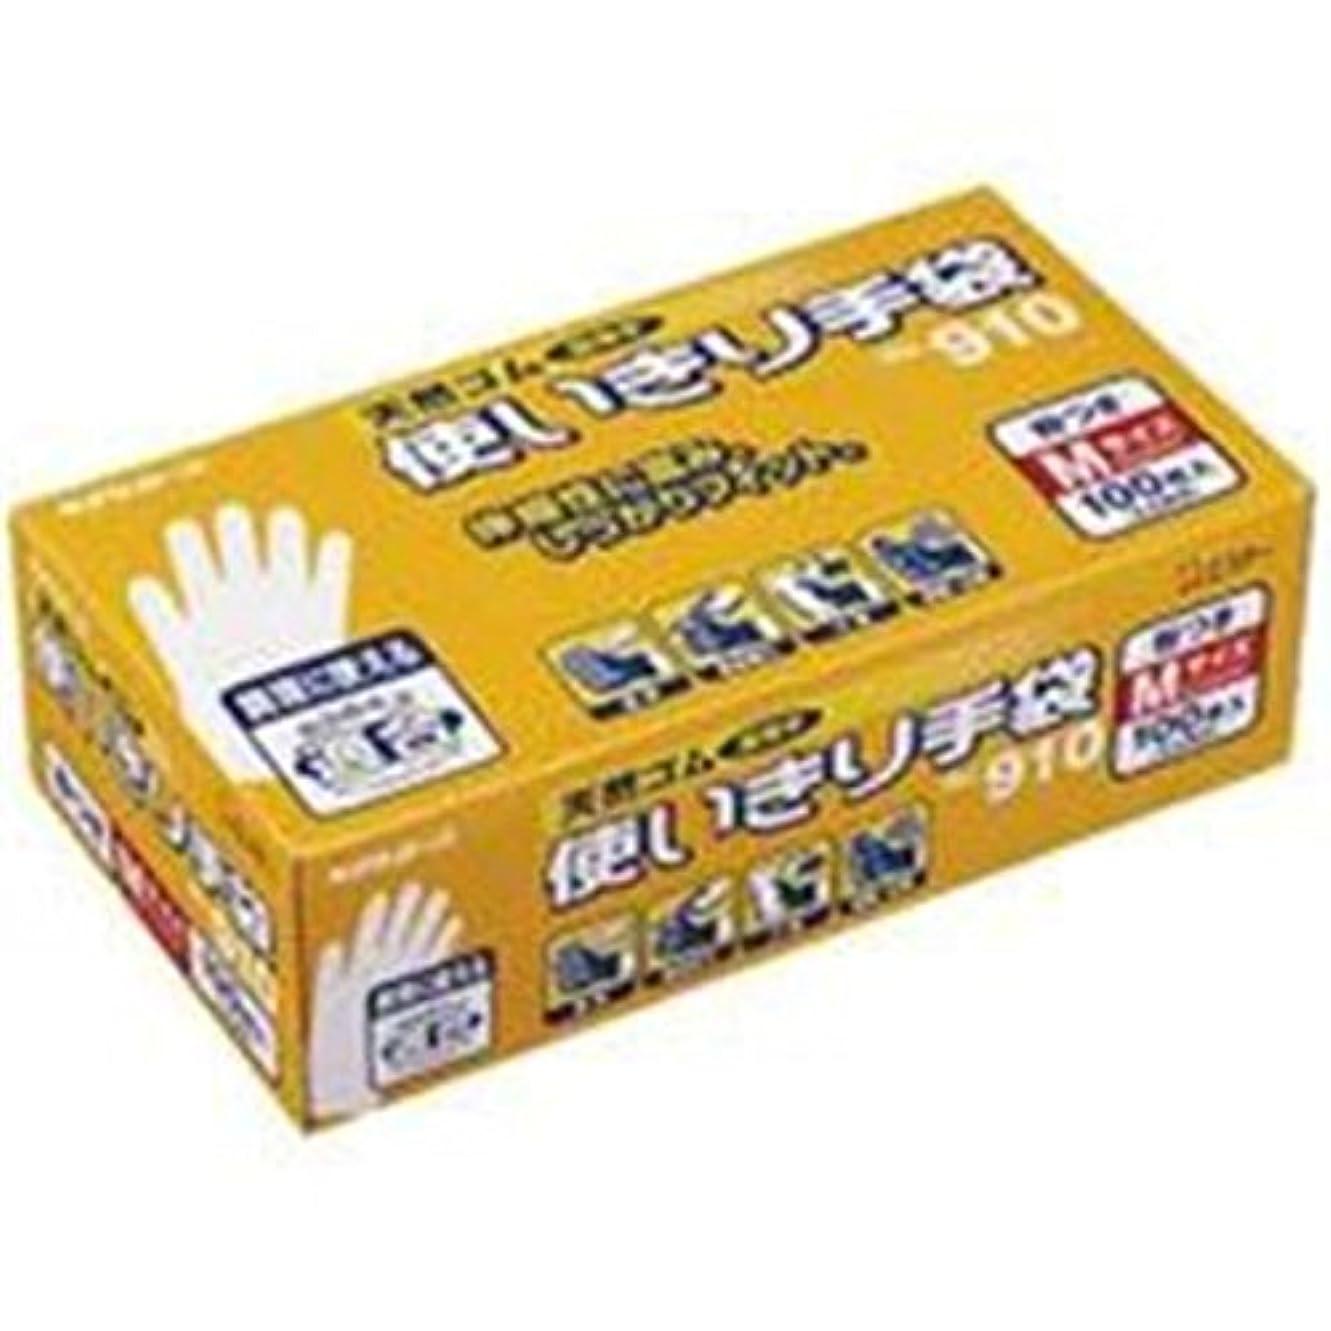 スノーケルとげ連結するエステー 天然ゴム使い切り手袋 No.910 M 12箱